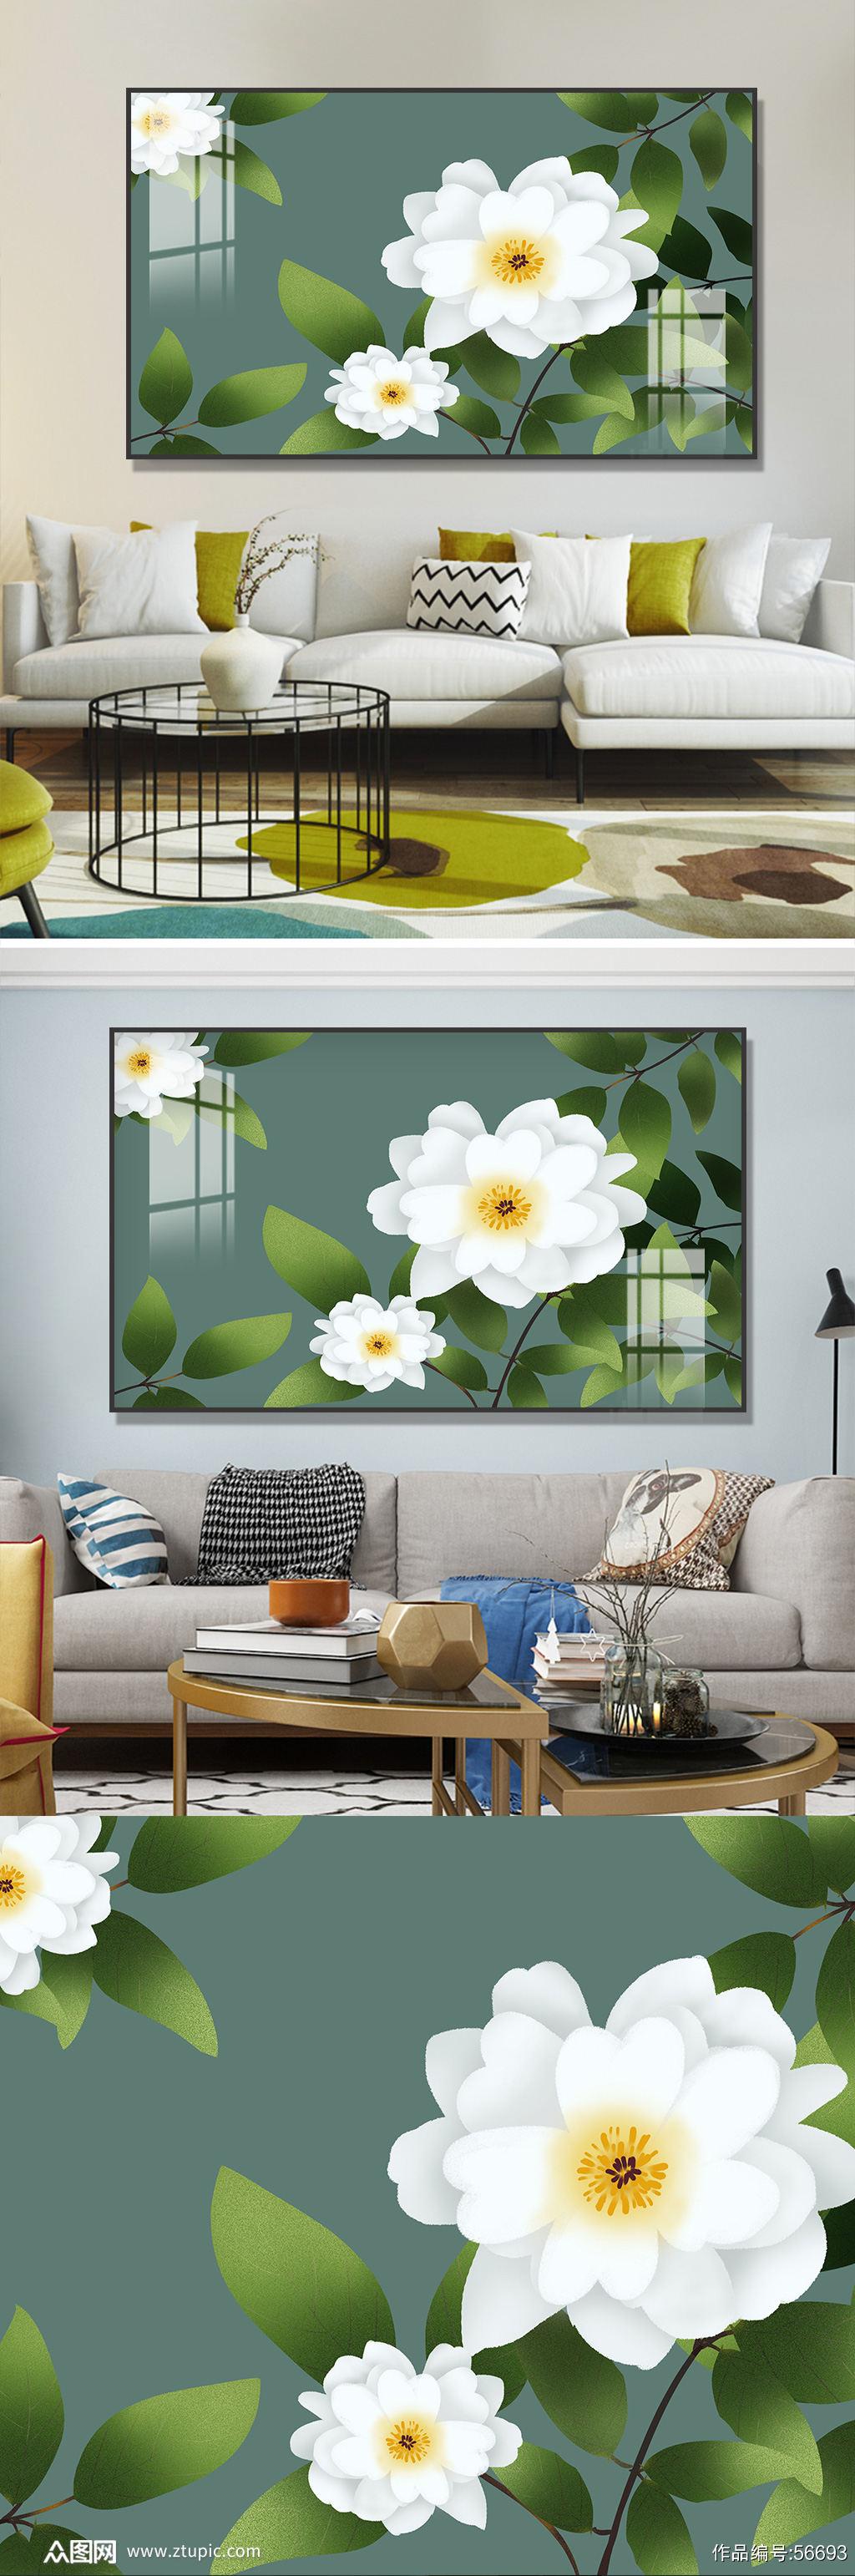 白蔷薇装饰画素材